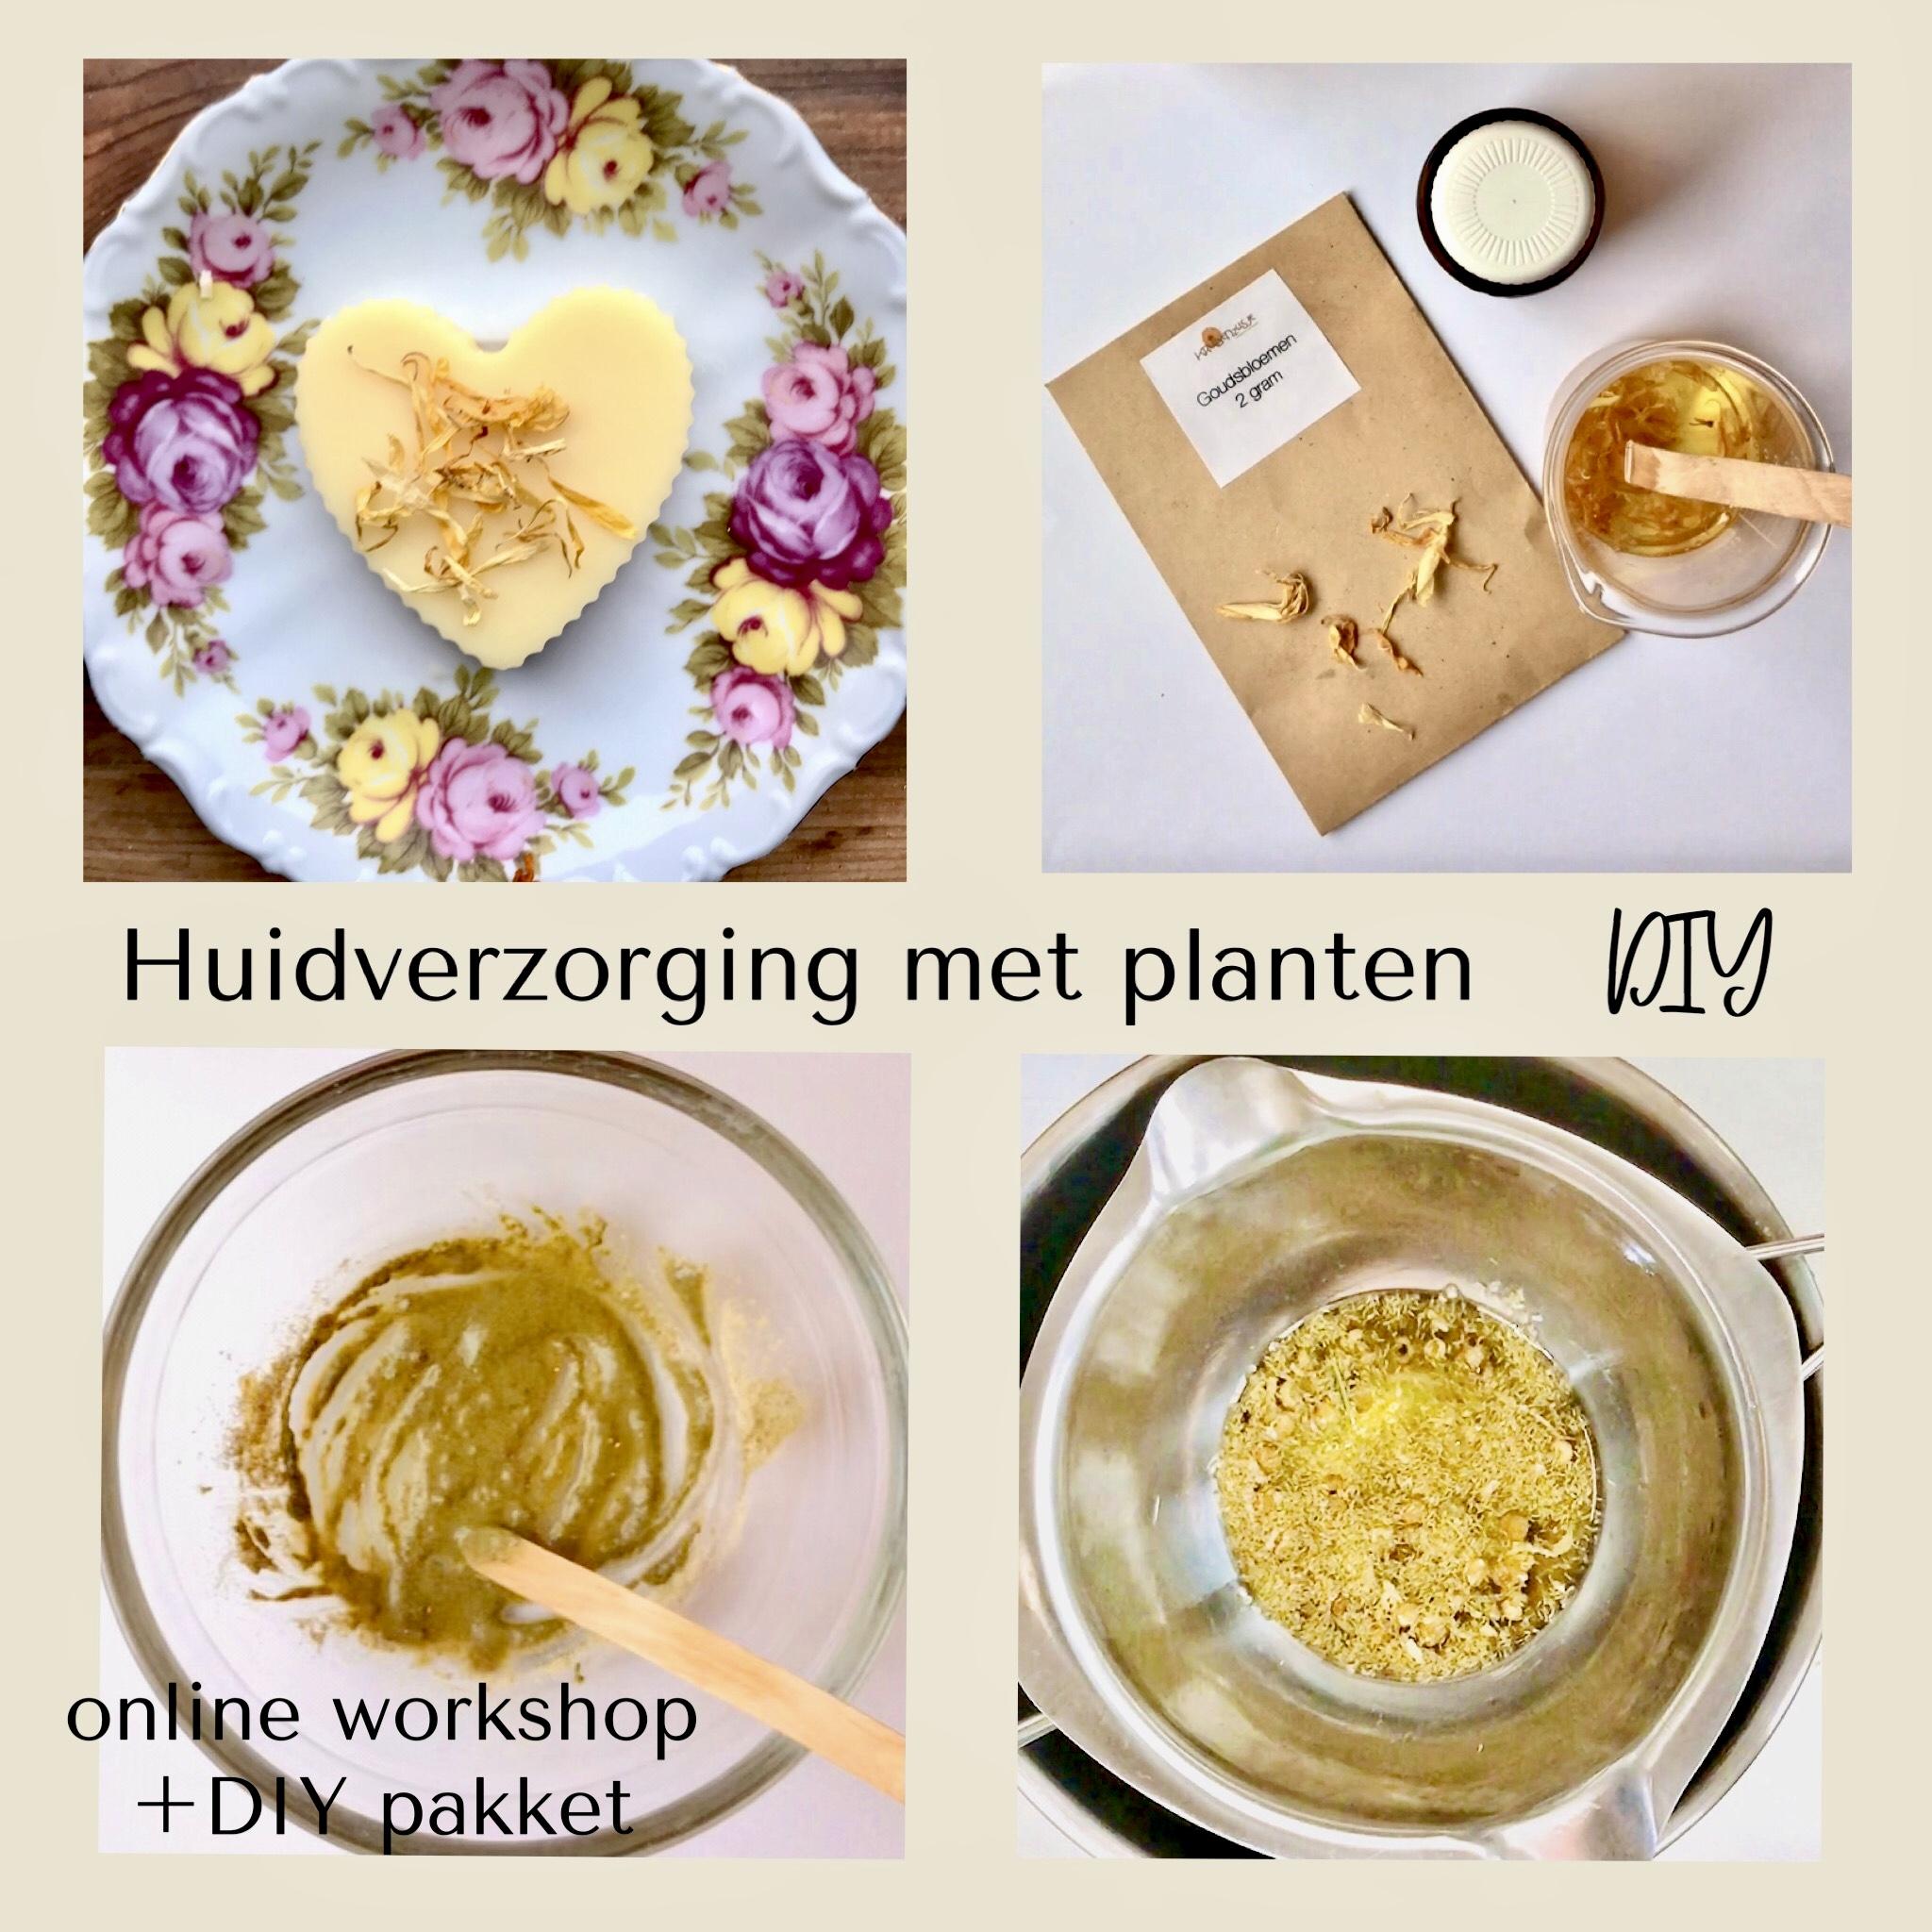 online workshop huidverzorging met planten